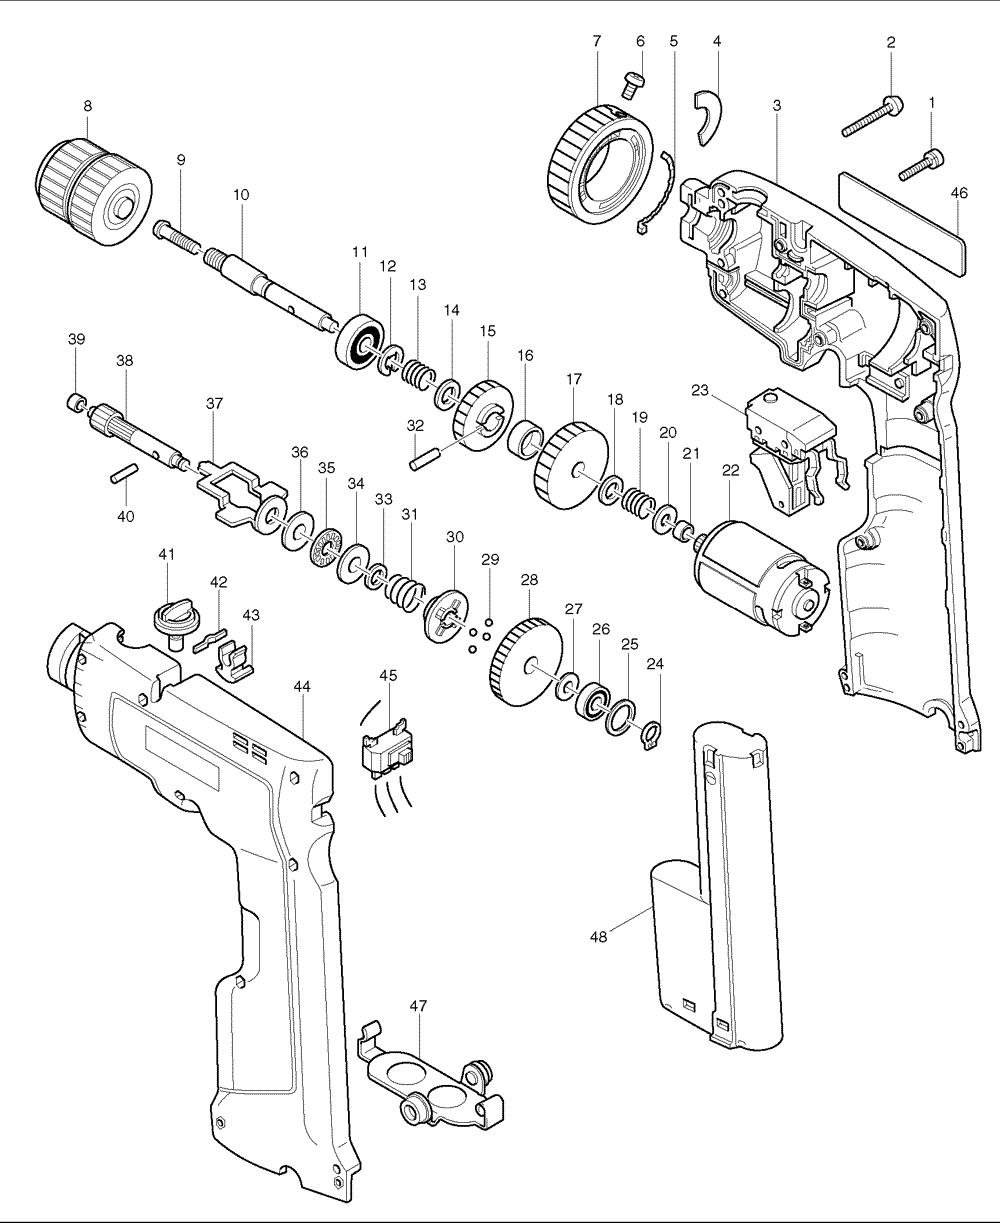 Buy Makita 6011d Replacement Tool Parts